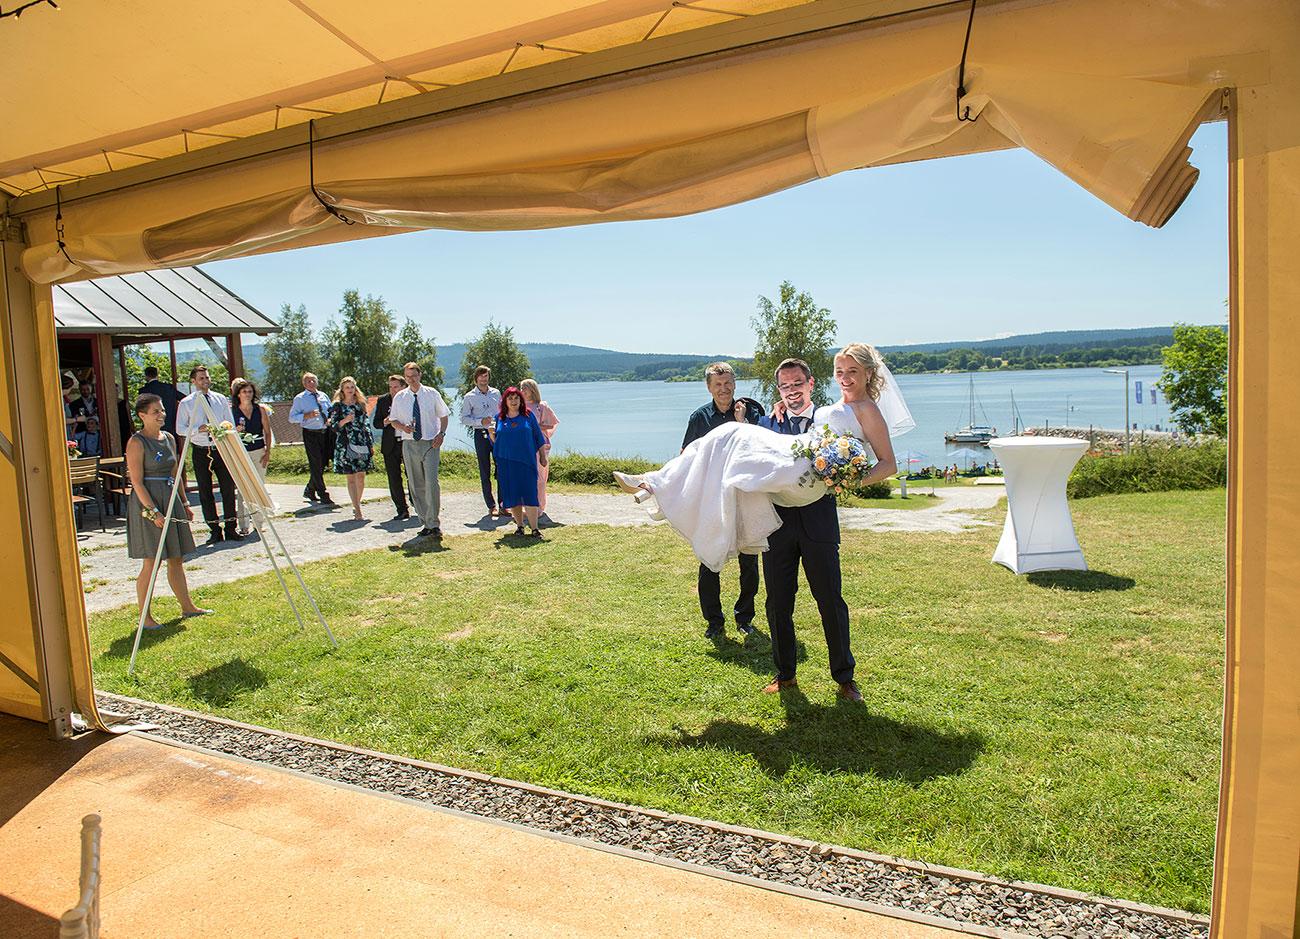 09 svatebni foto svatebni hostina lipno dolni vltavice svatebni fotograf ales motejl jihocesky kraj